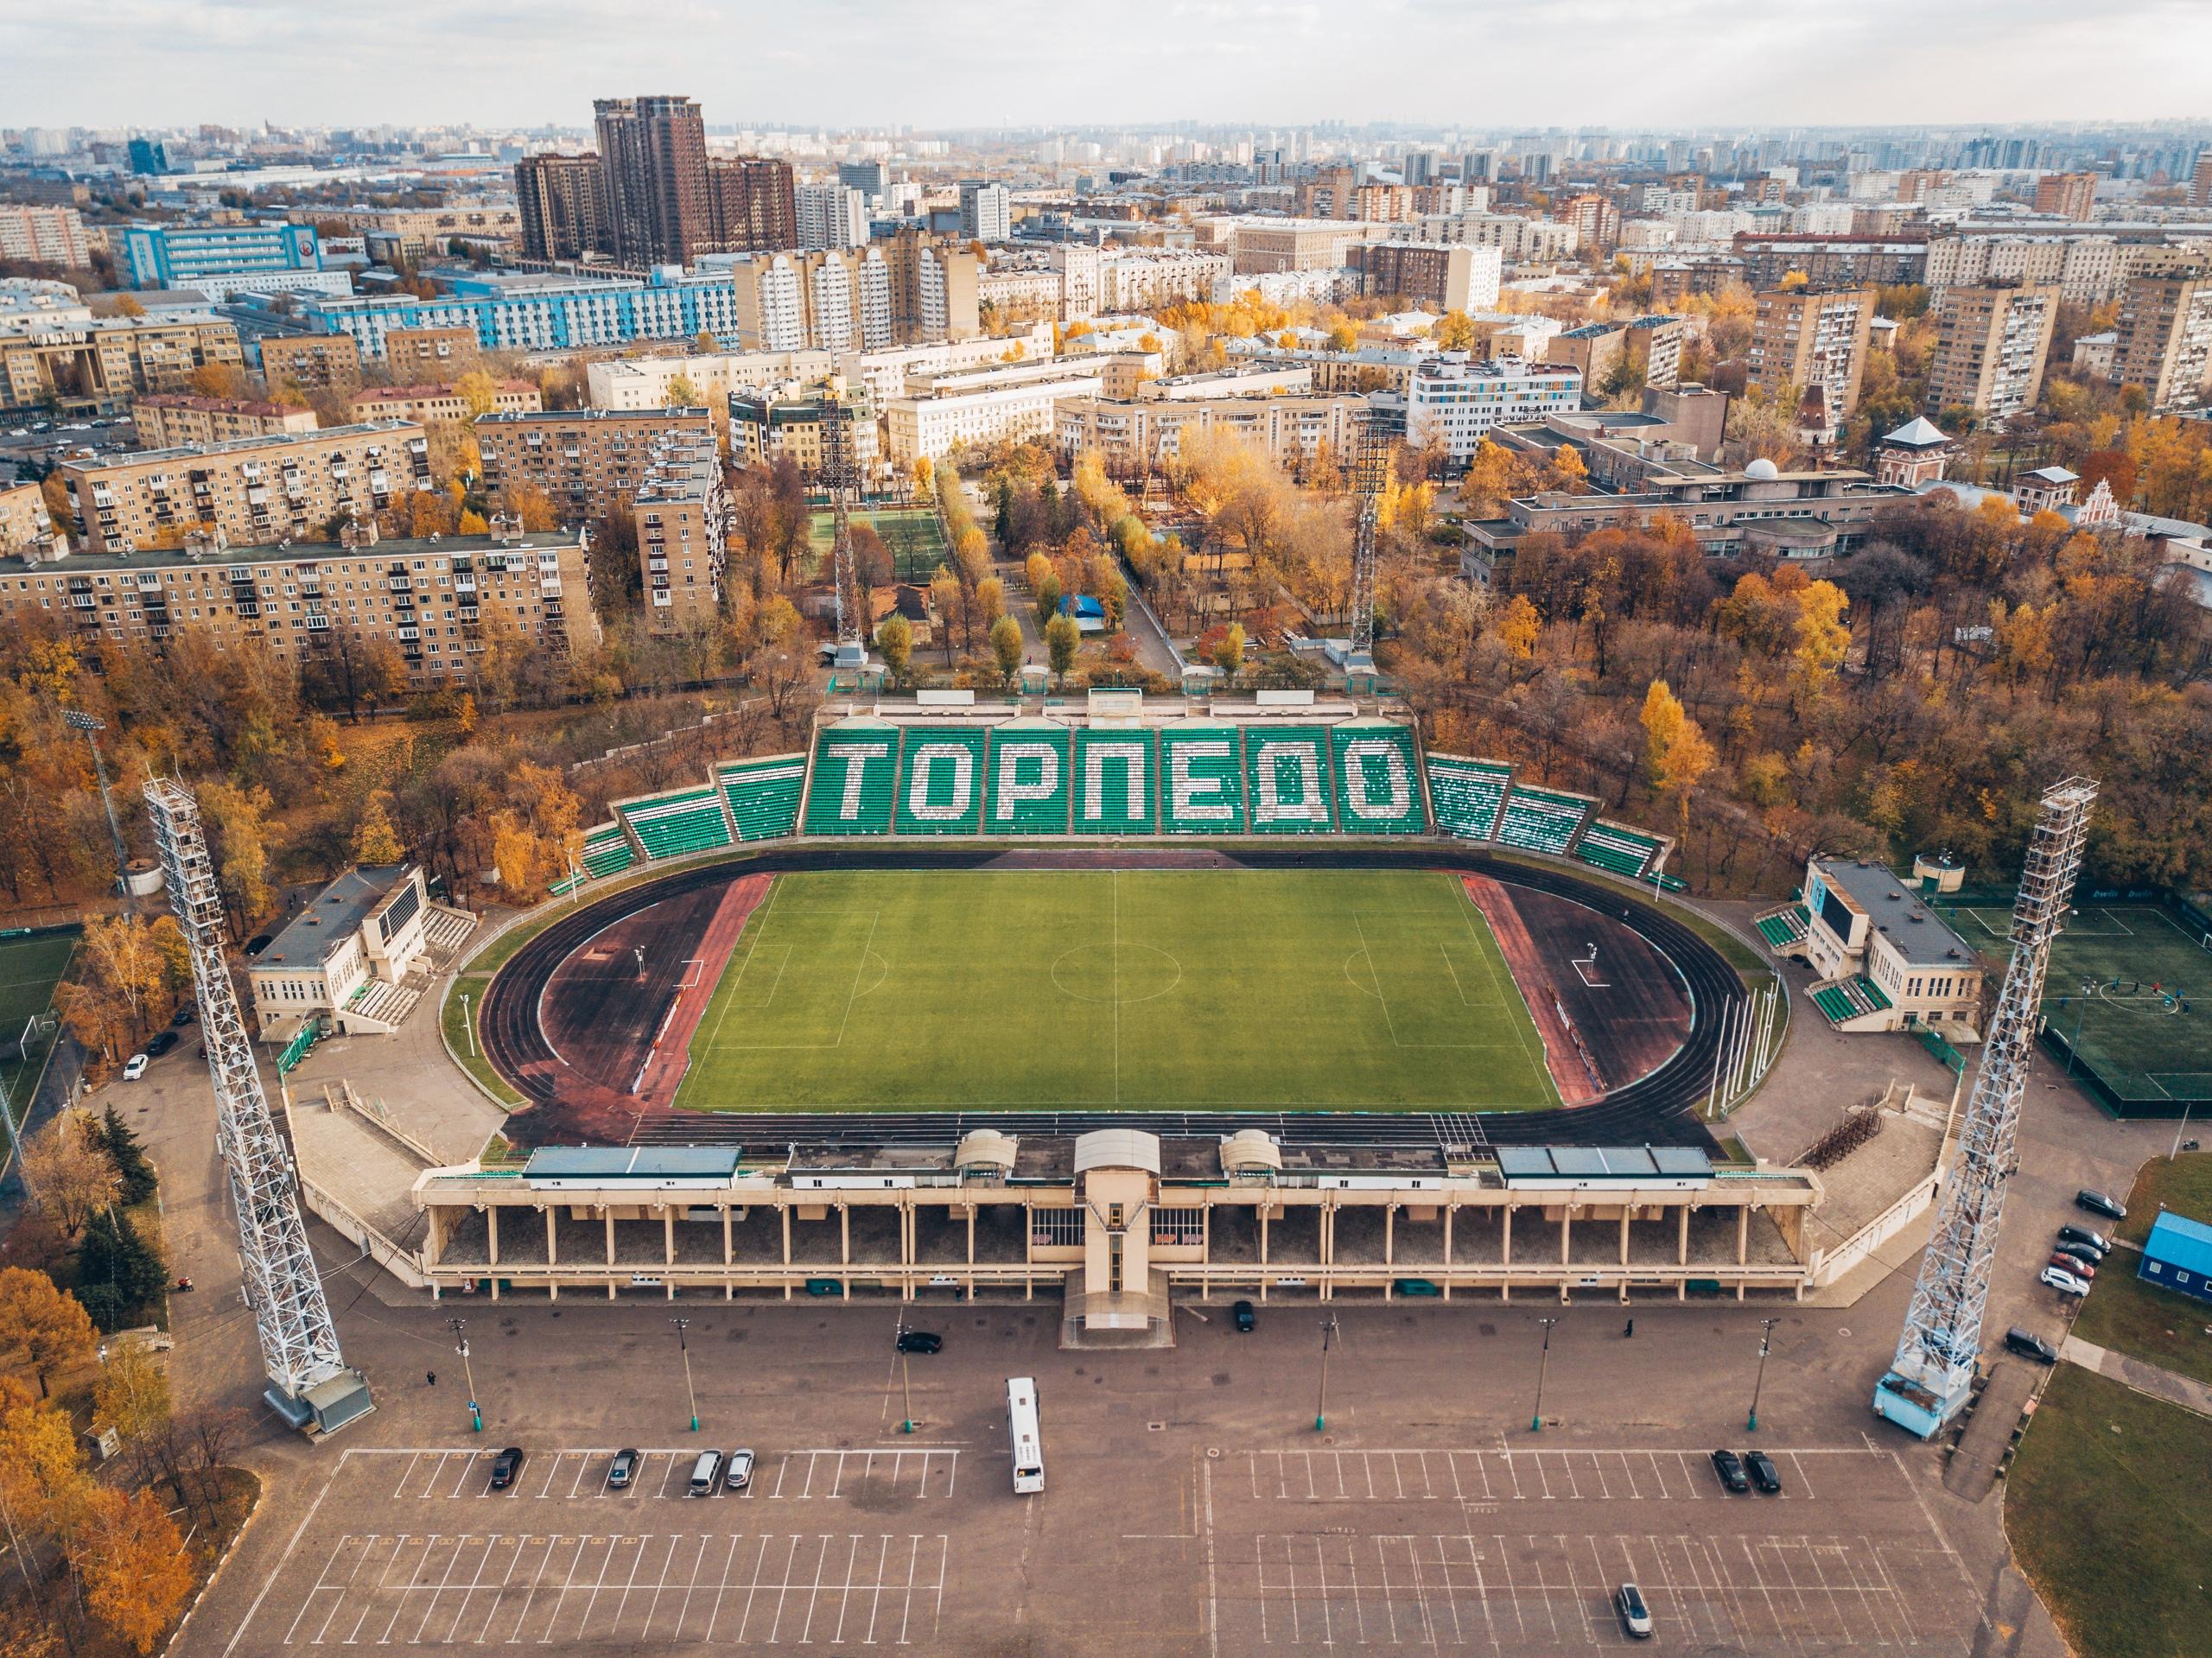 Депутат МГД Киселева: Реконструкция стадиона «Торпедо»  учитывает мнение местных жителей